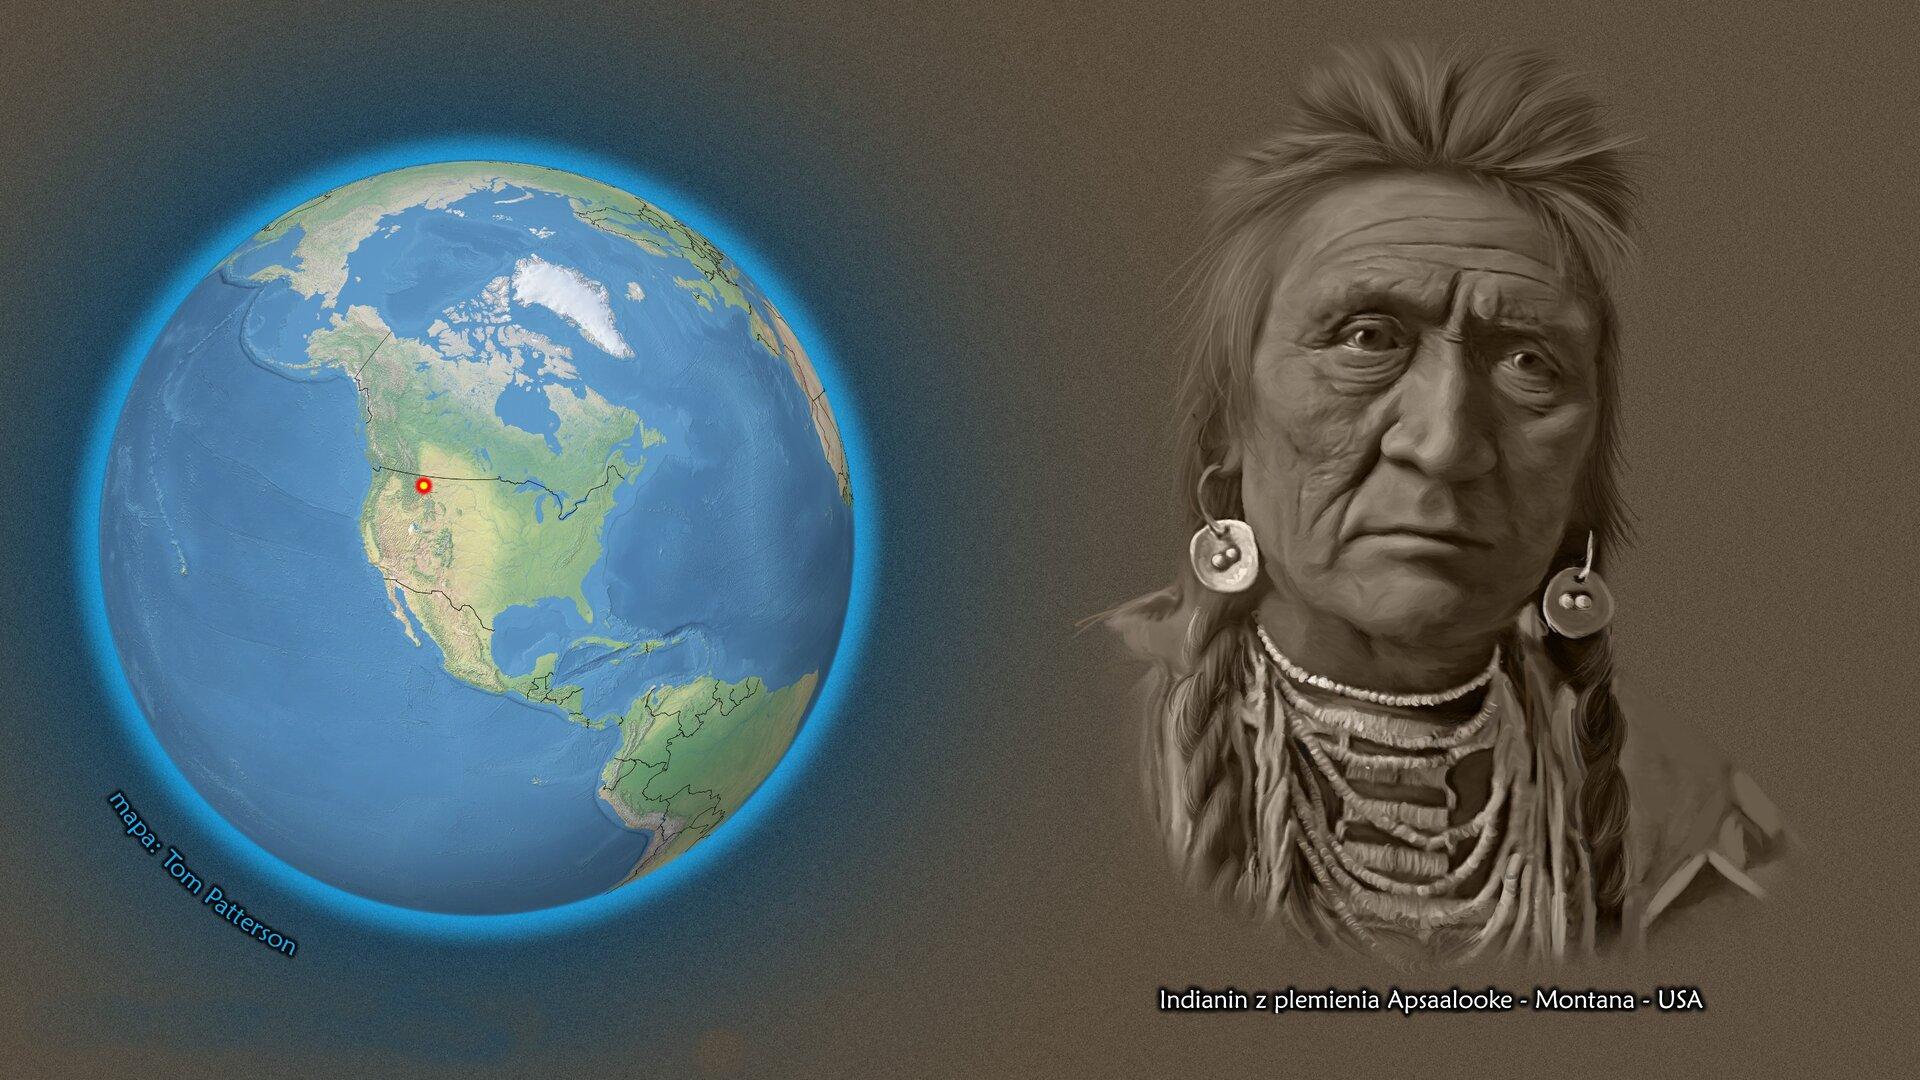 Na ilustracji kula ziemska zzaznaczonym czerwonym punktem – Montana – USA. Obok twarz mężczyzny zdługimi splecionymi włosami, wuszach ozdoby. Podpis – Indianian zplemienia Apsaalooke – Montana – USA